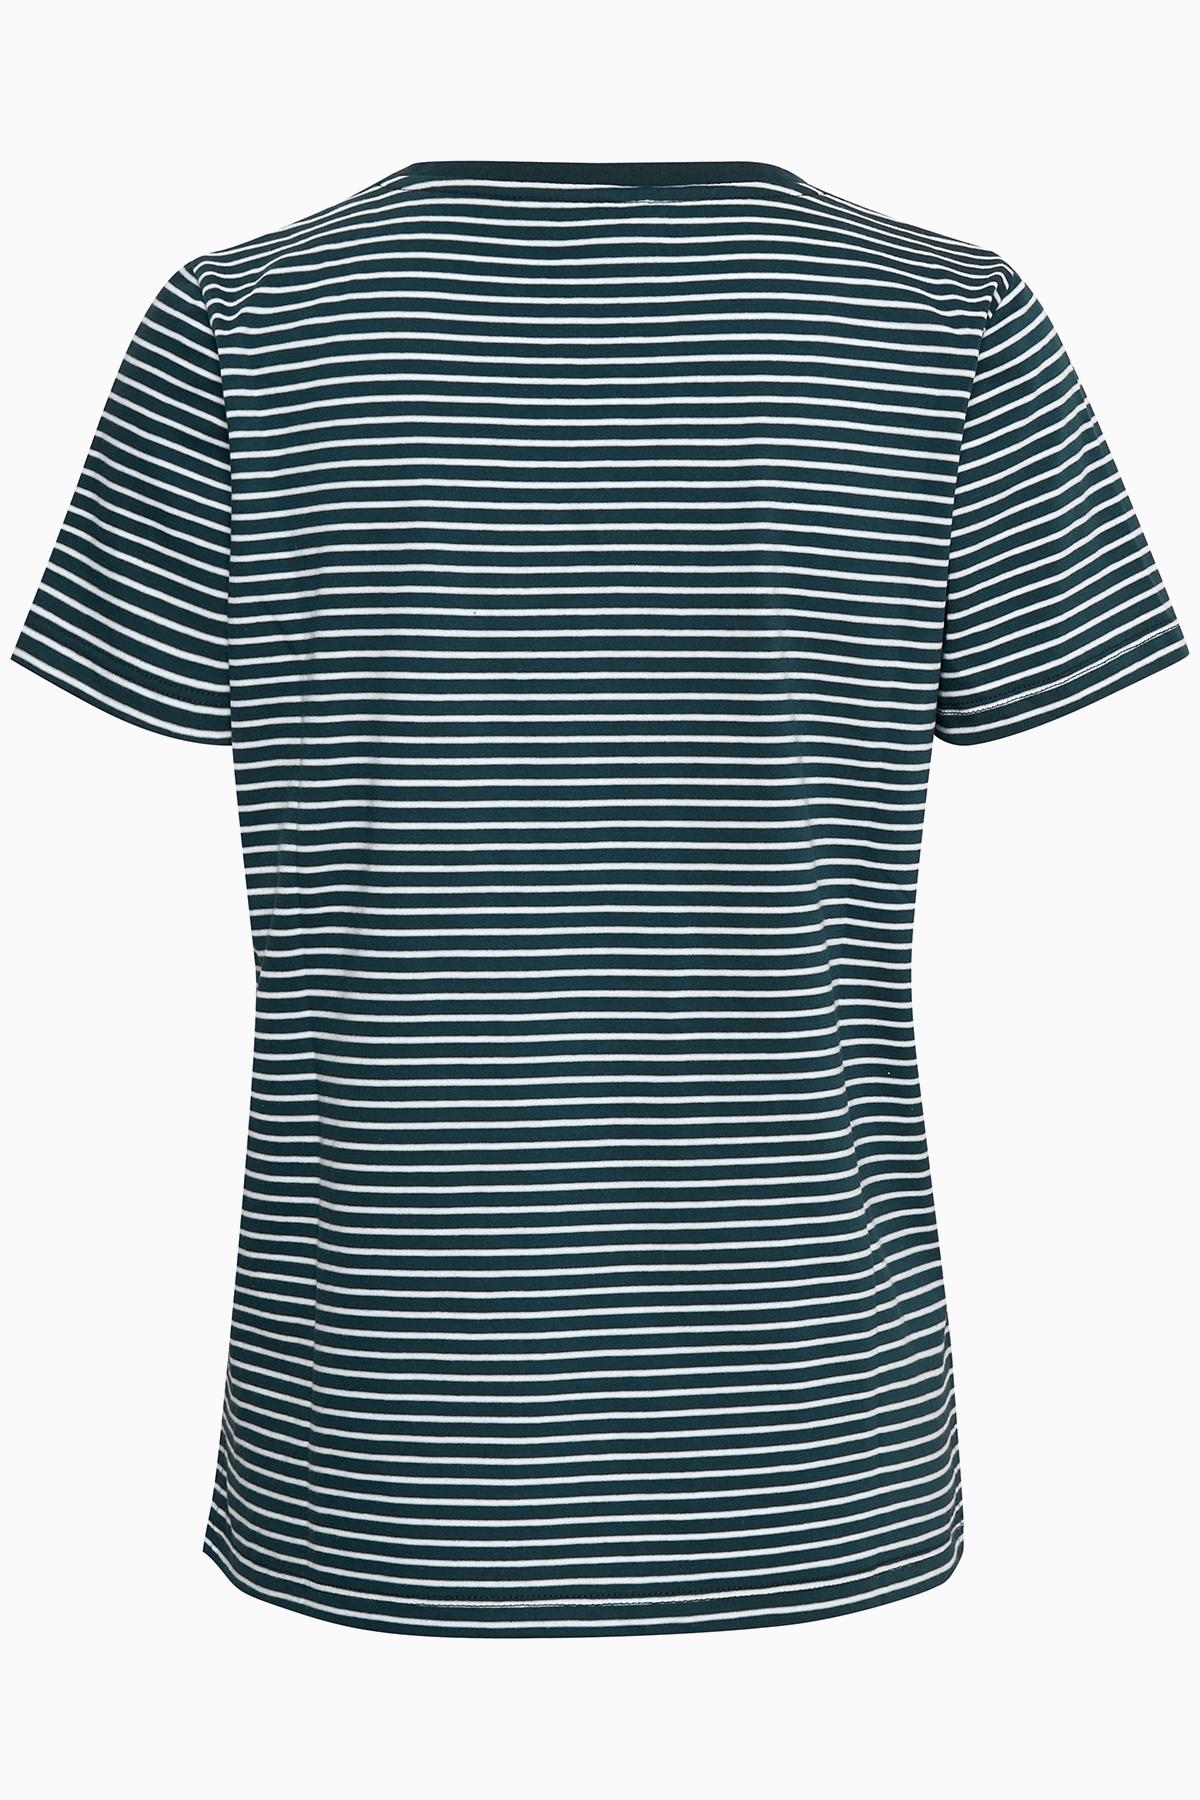 Blå/hvid Kortærmet T-shirt fra Bon'A Parte – Køb Blå/hvid Kortærmet T-shirt fra str. S-2XL her